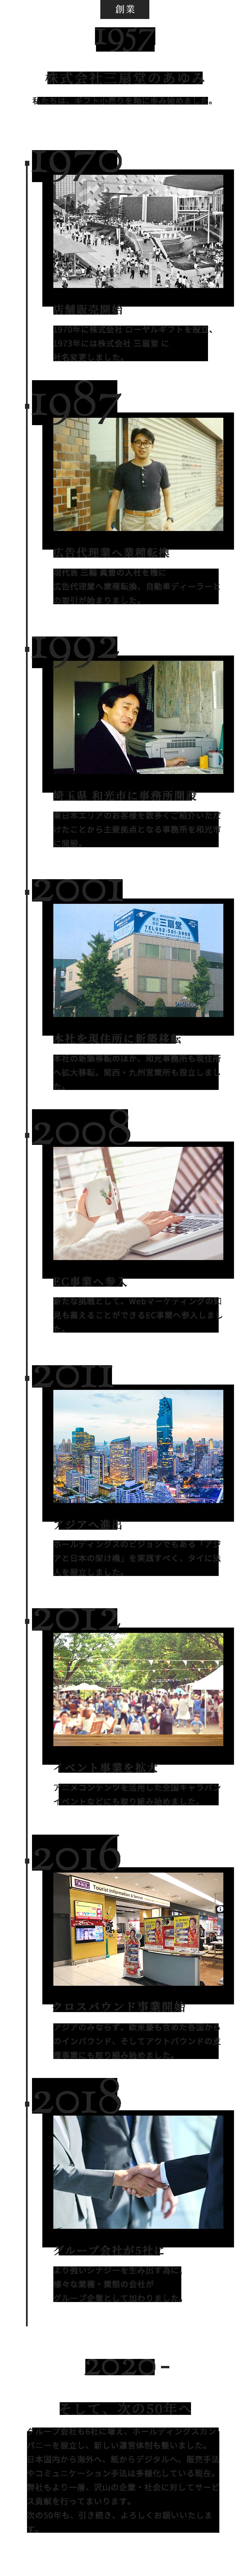 株式会社三扇堂の年表